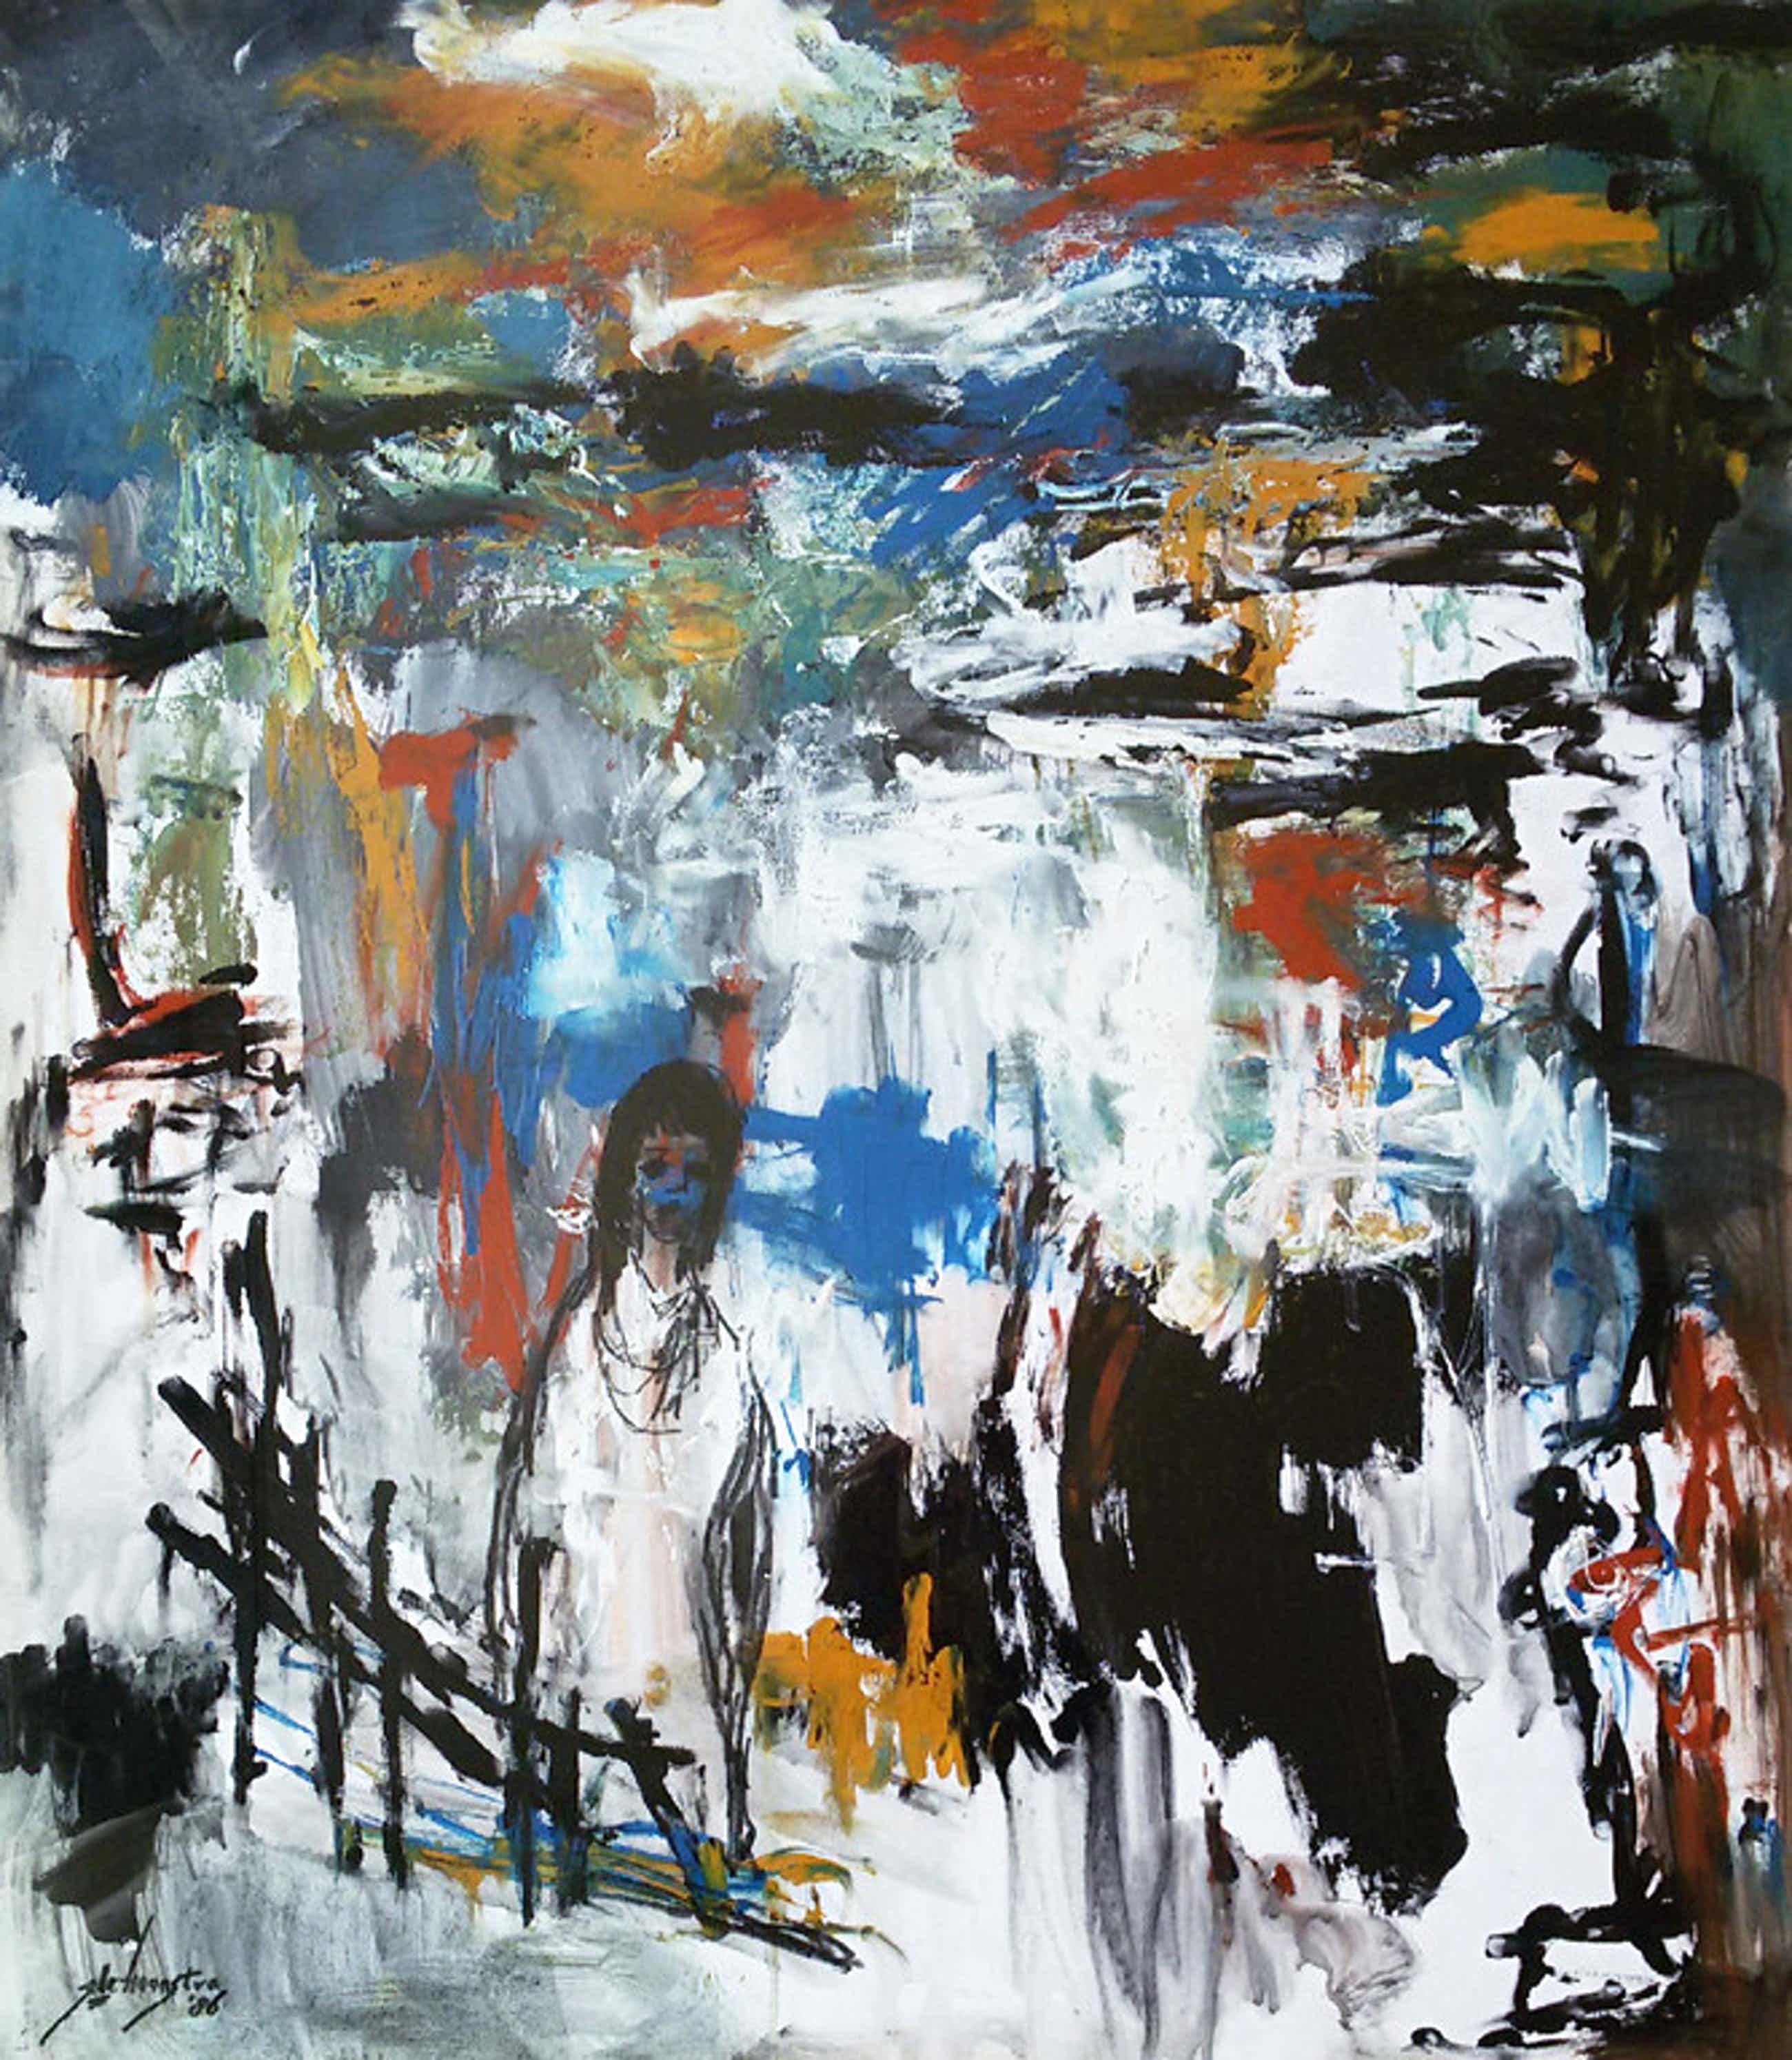 Jelle Hoogstra - Vrouw in expressionistisch landschap, gouache (mooi ingelijst) kopen? Bied vanaf 150!